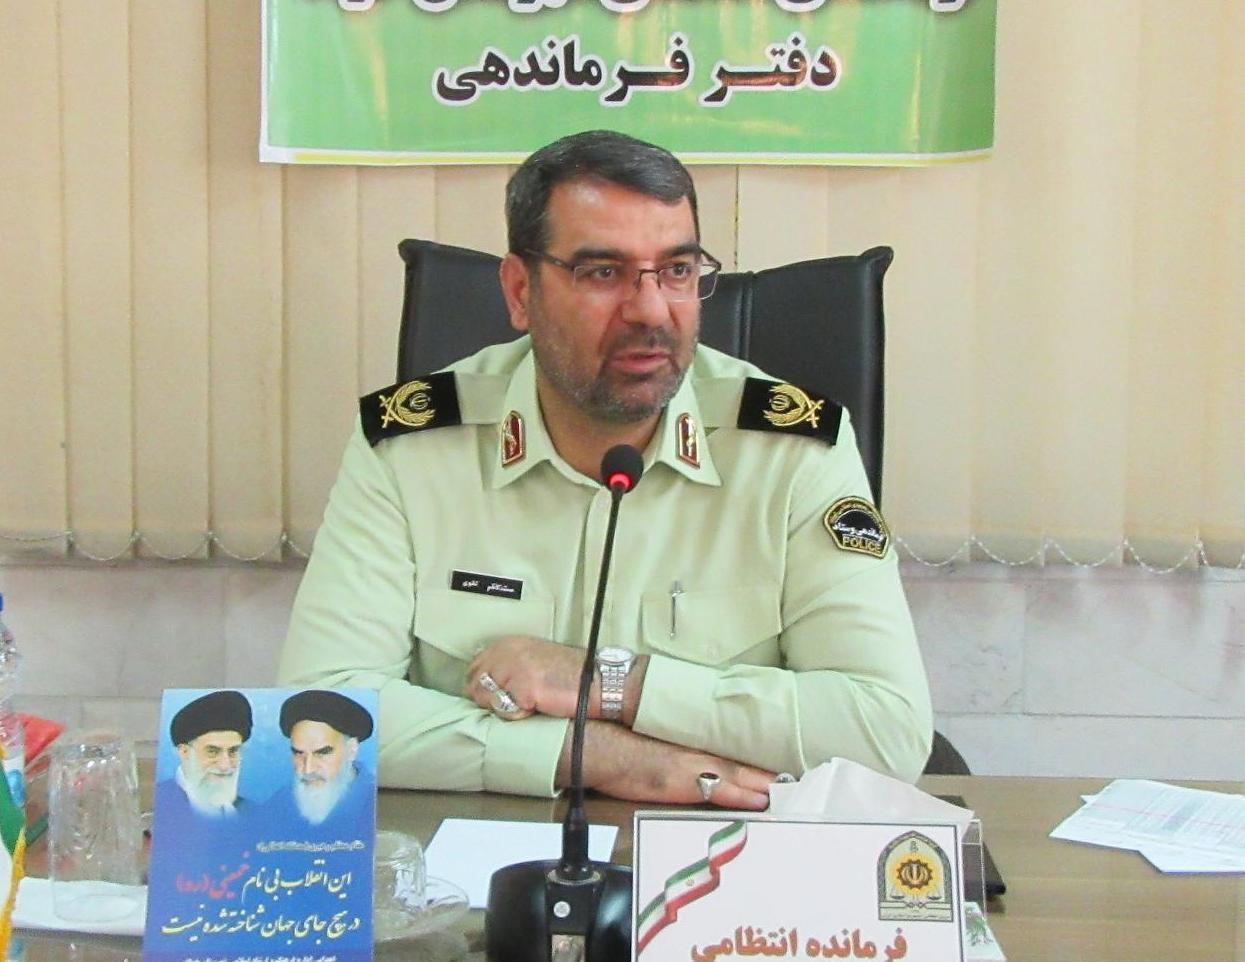 دستور ویژه فرمانده انتظامی خراسان رضوی برای پیگیری پرونده مرگ مرد جوان در شهرک حجت مشهد